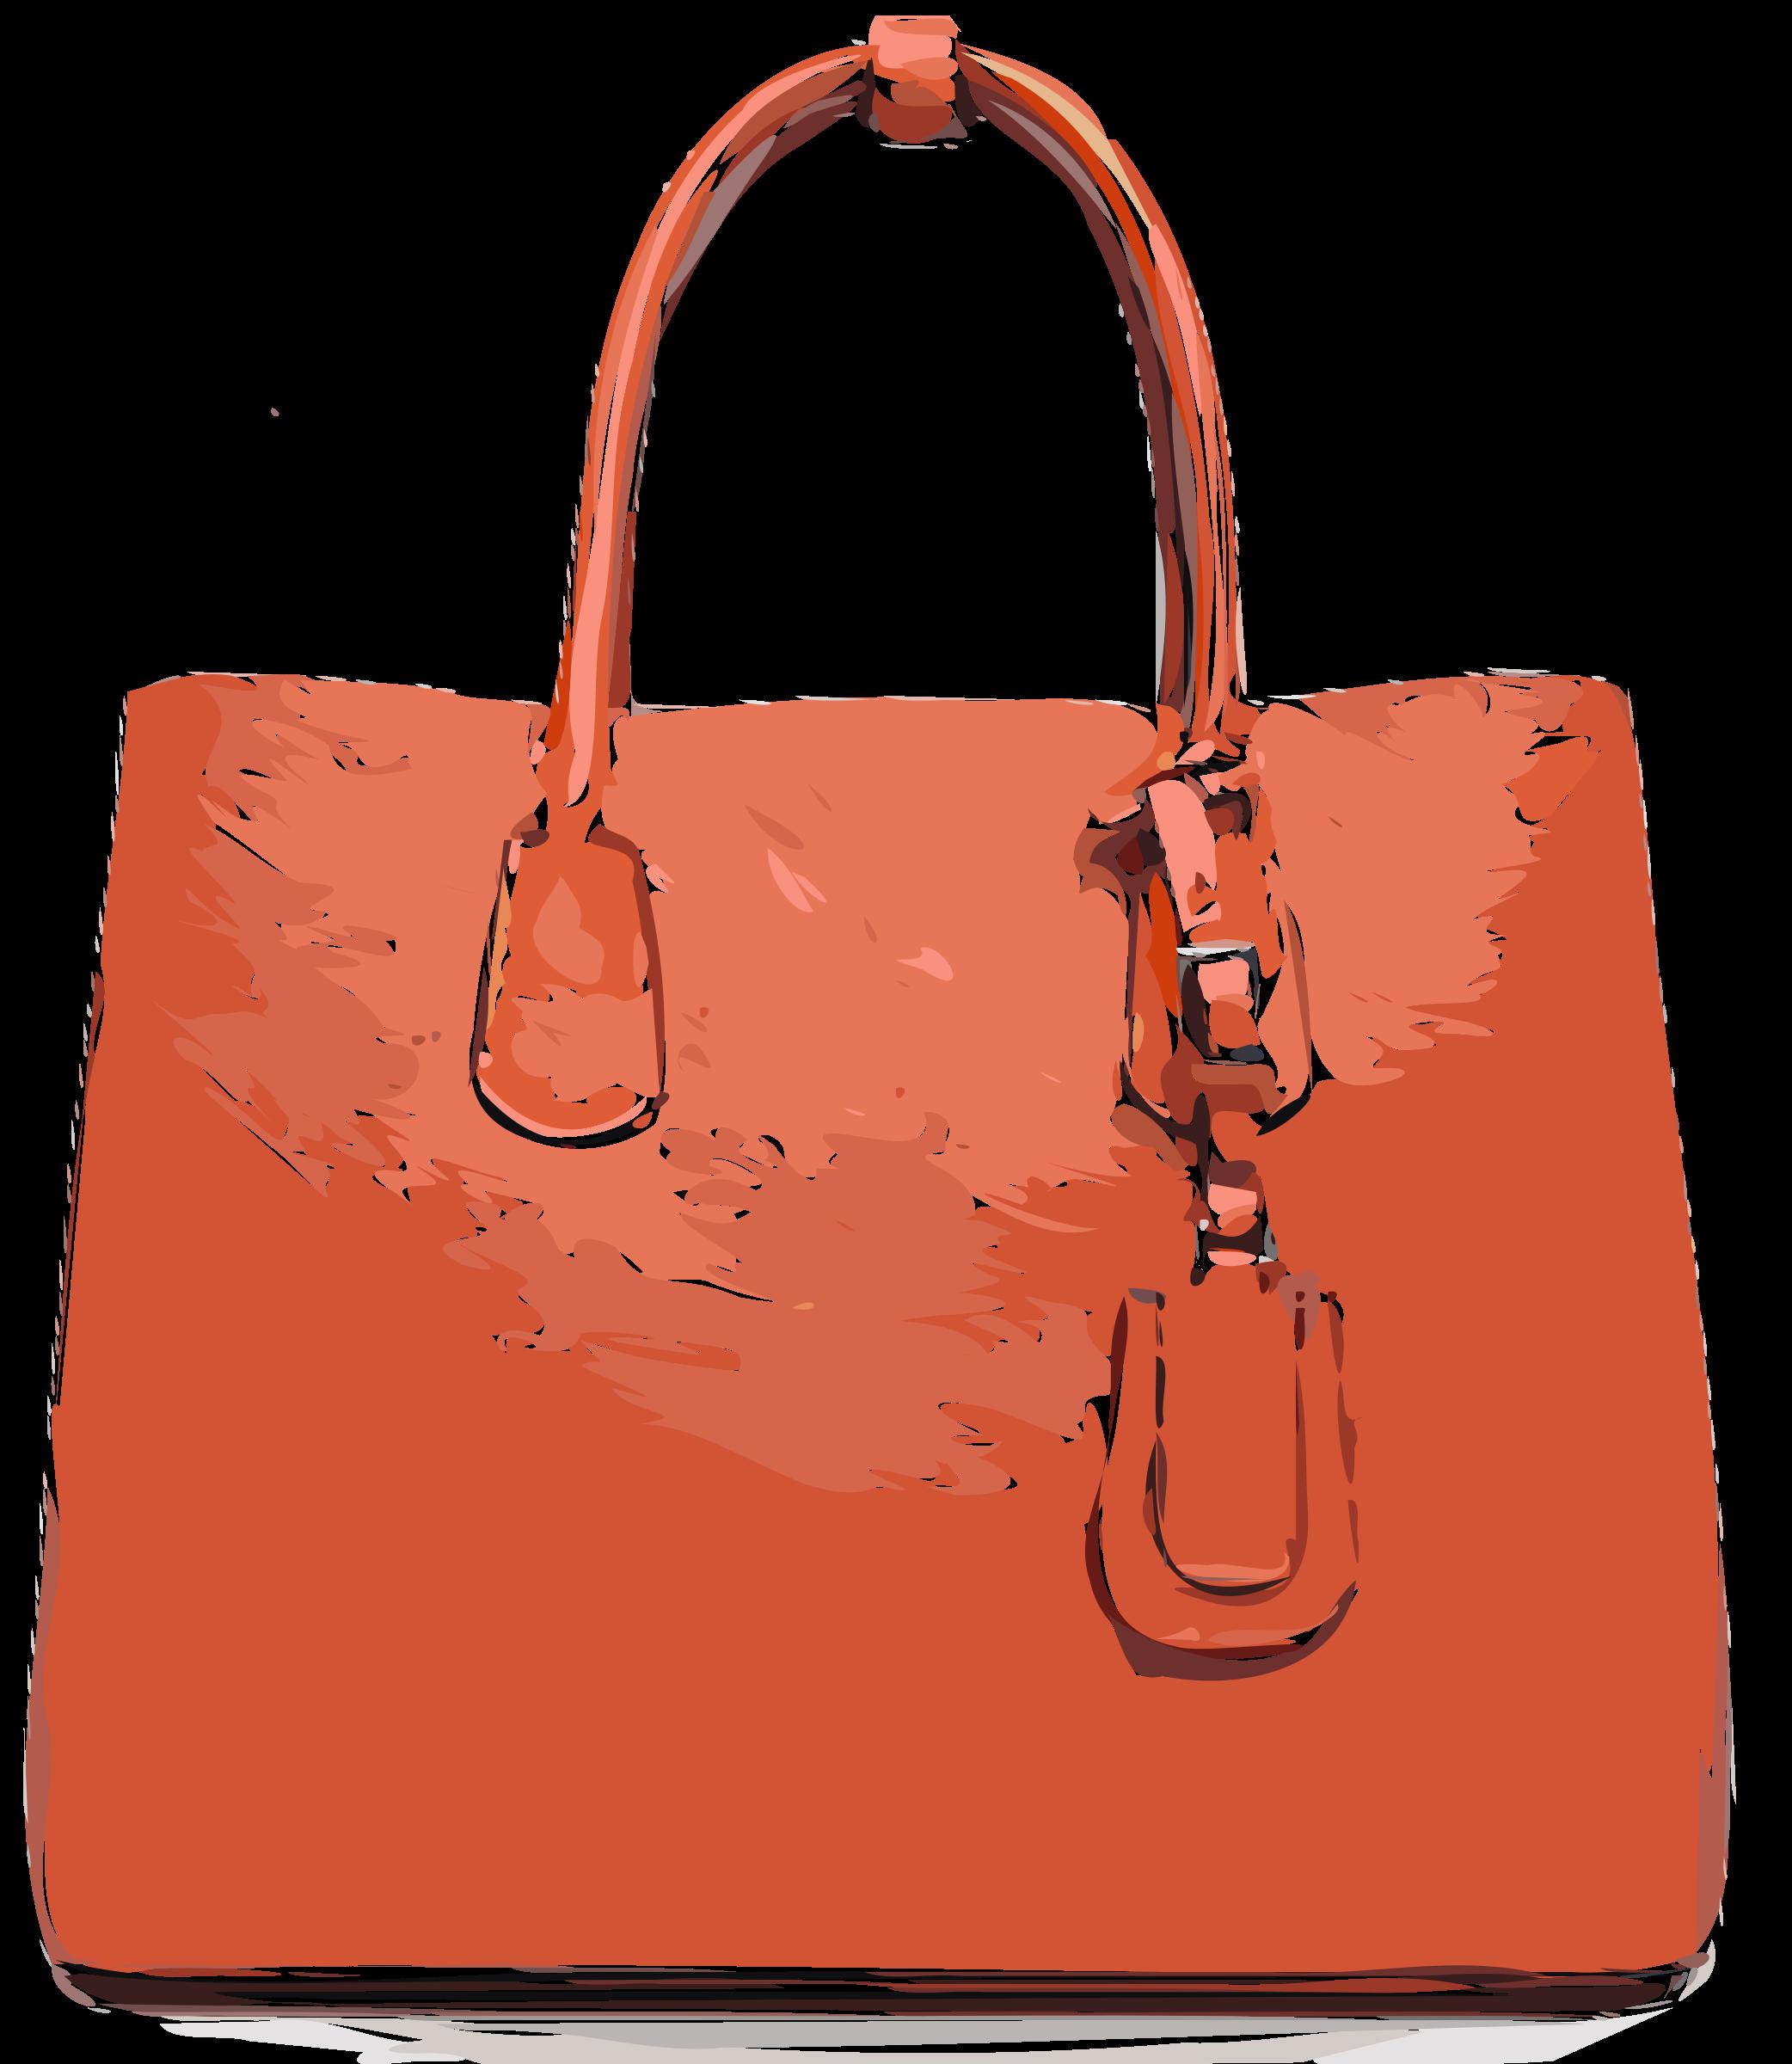 Orange flat big image. Bag clipart leather bag